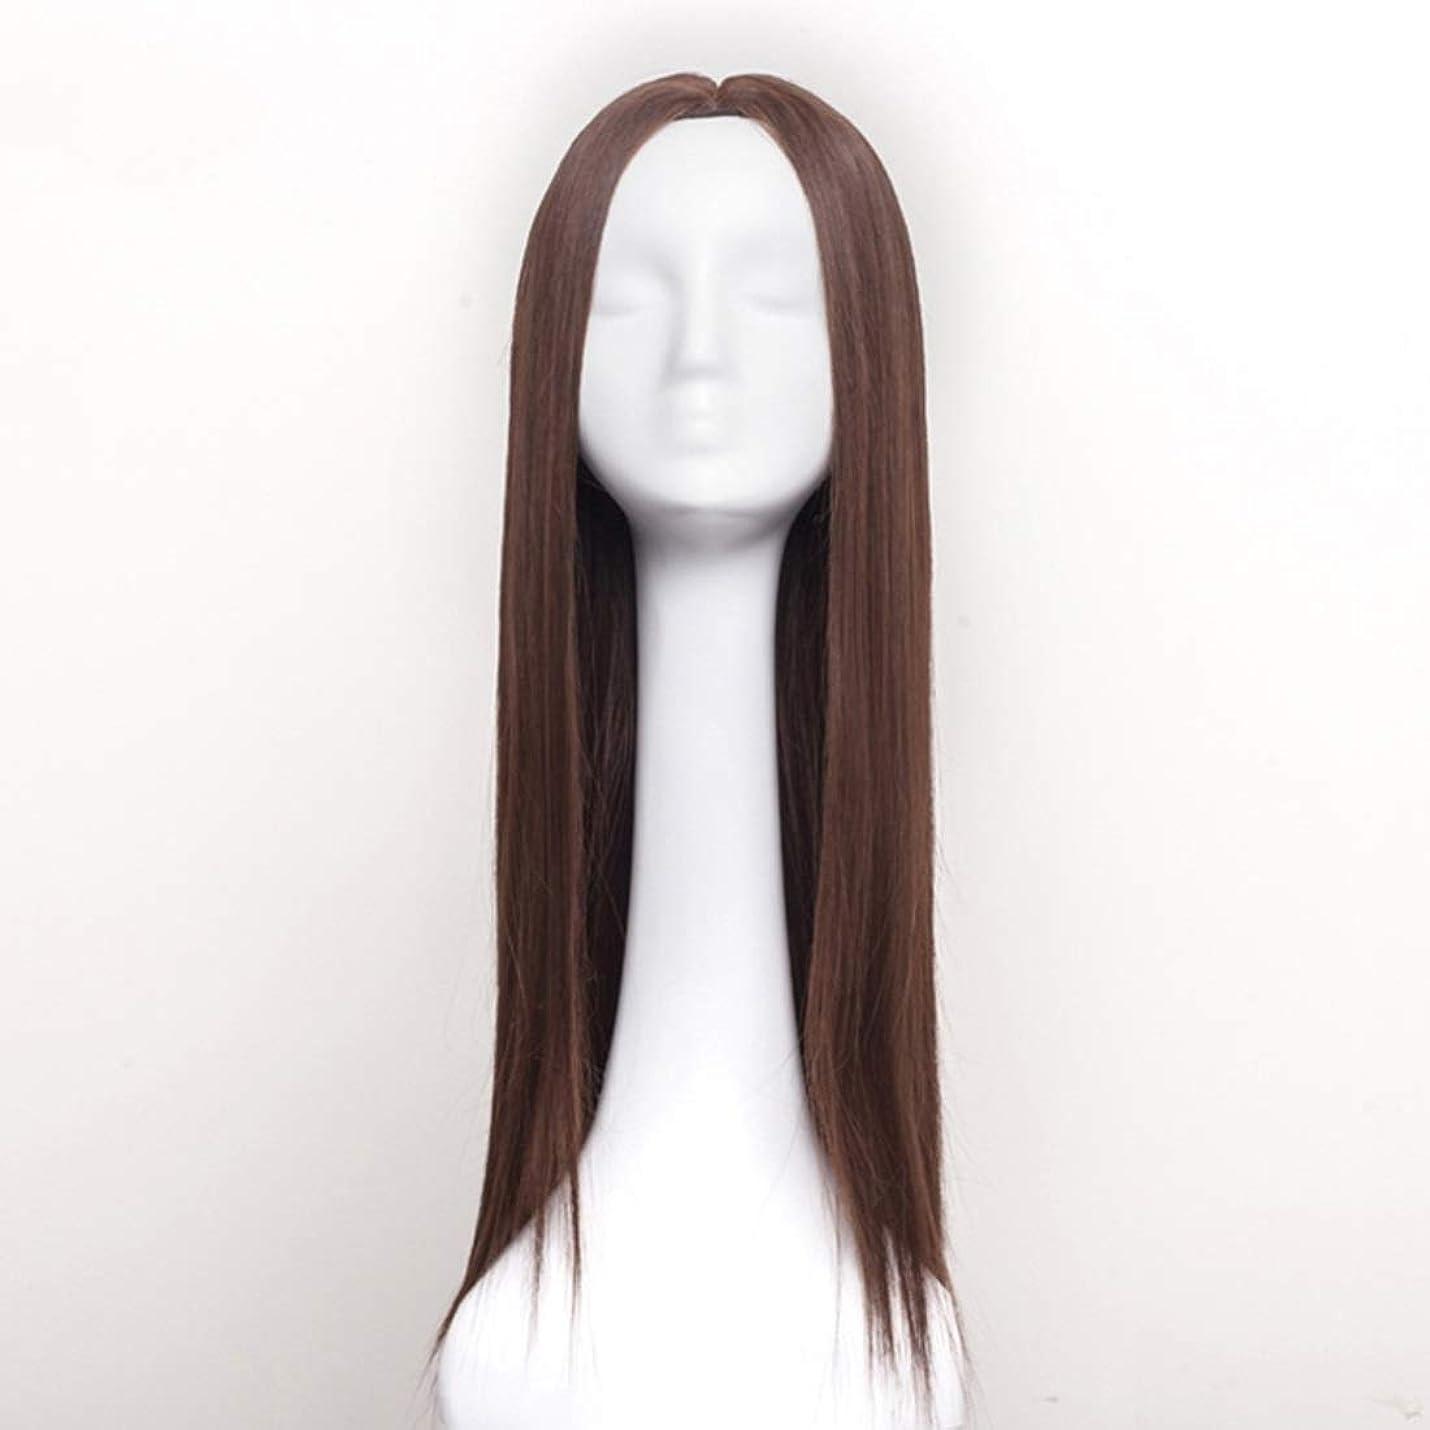 ビートお互い形式Kerwinner レディースウィッグロングストレートヘアウィッグ合成耐熱女性ヘアスタイルカスタムコスプレパーティーウィッグ